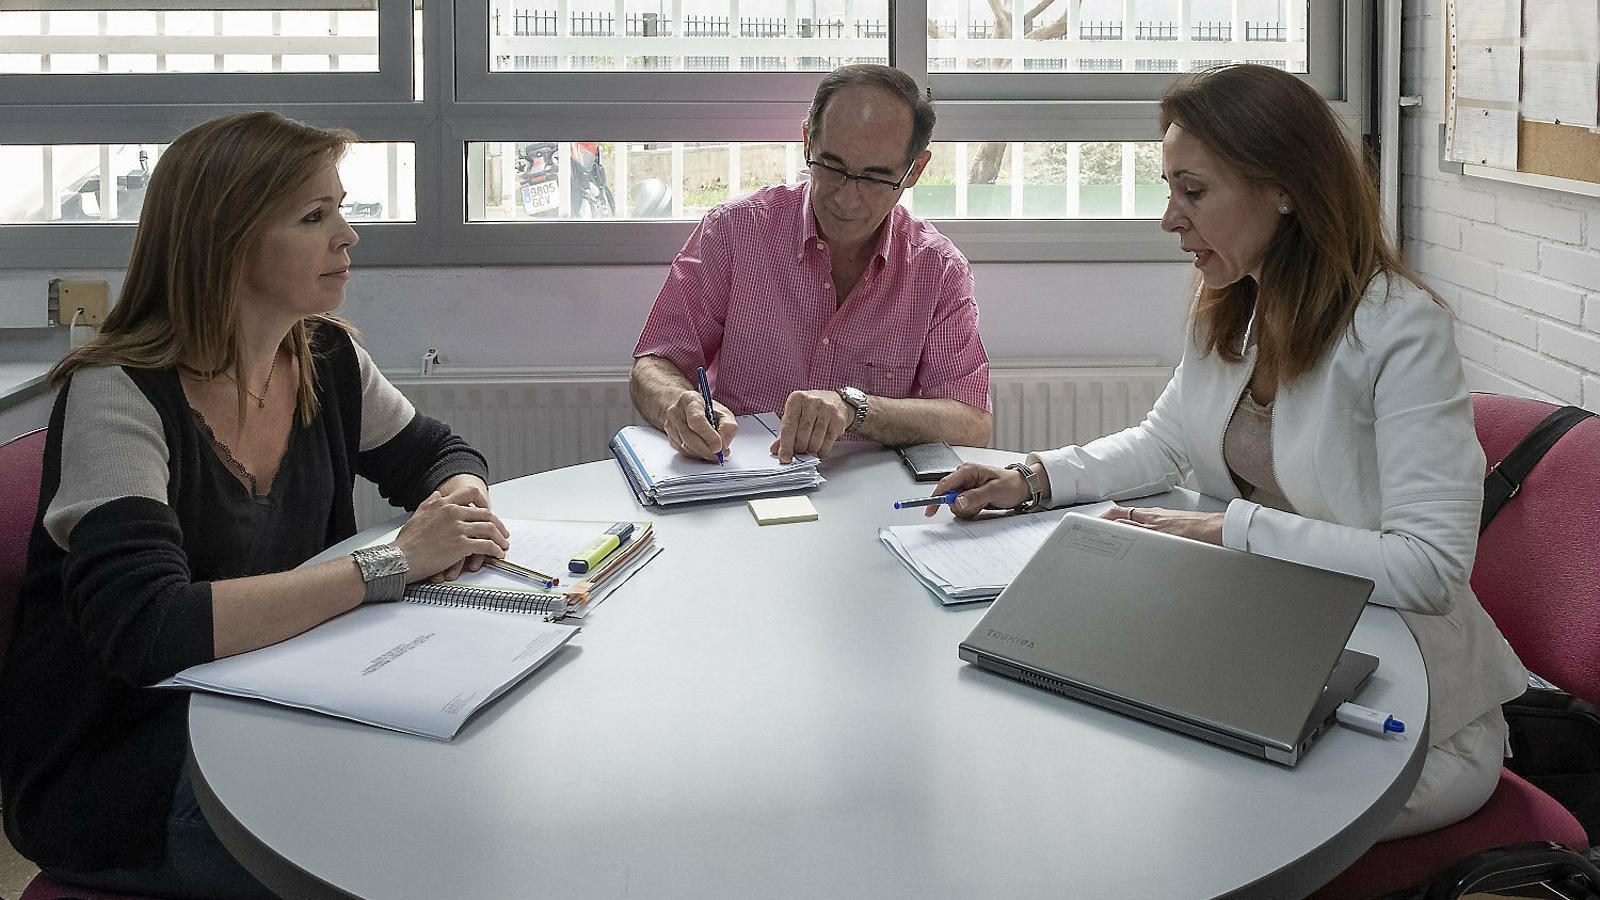 Una reunió entre una inspectora d'educació, el director sortint i la futura directora a l'Institut Joanot Martorell d'Esplugues de Llobregat. / MANOLO GARCÍA